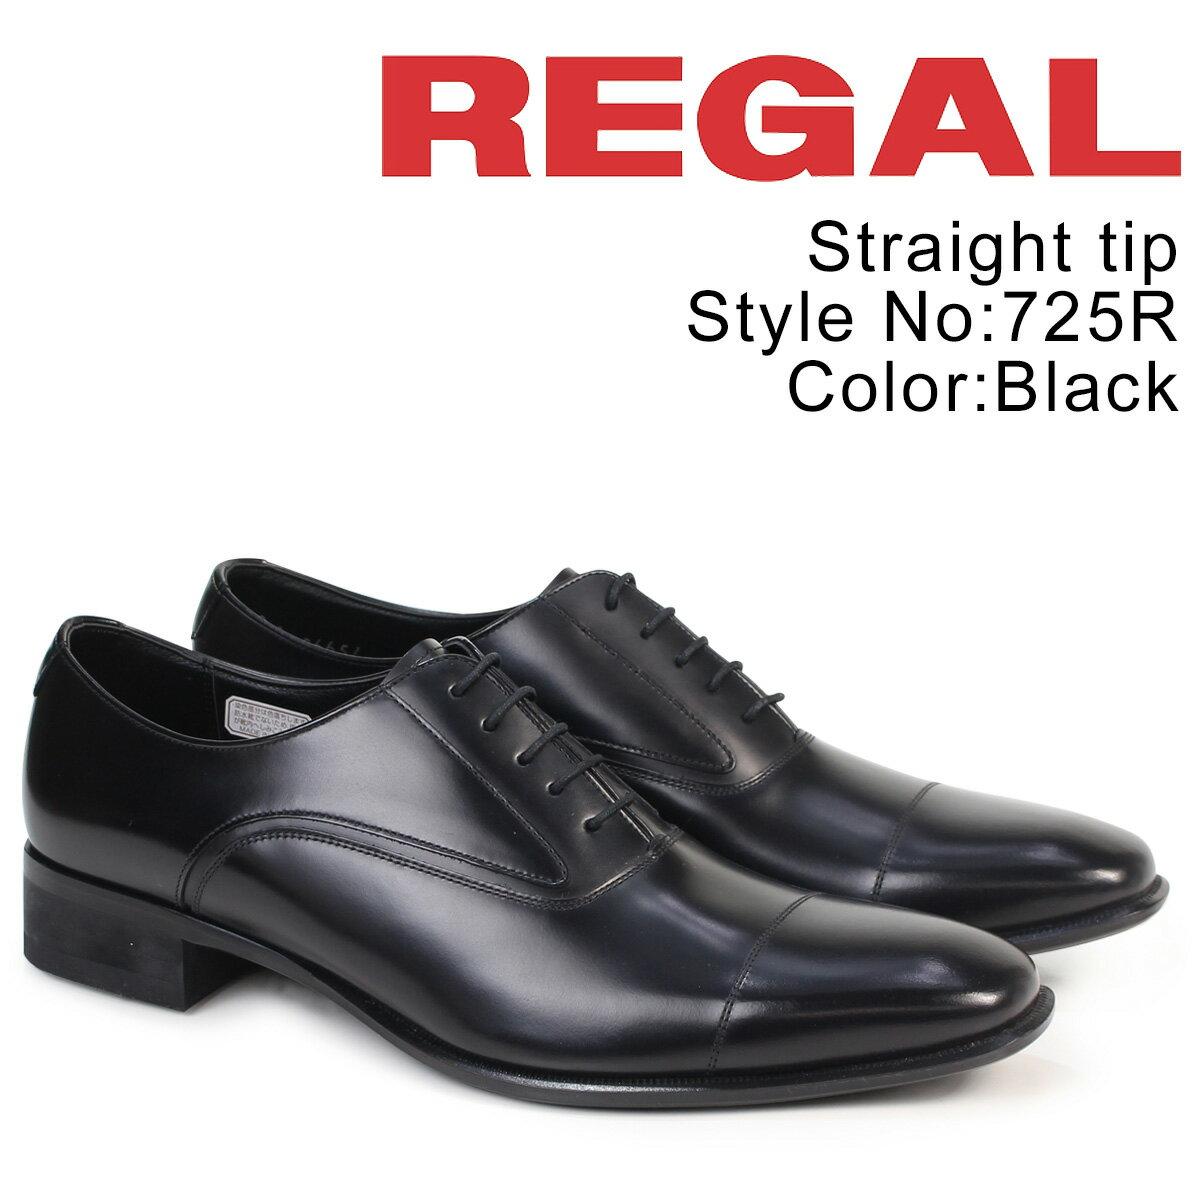 REGAL 靴 メンズ リーガル ストレートチップ 725RAL ビジネスシューズ 日本製 ブラック [9/14 追加入荷] [179]